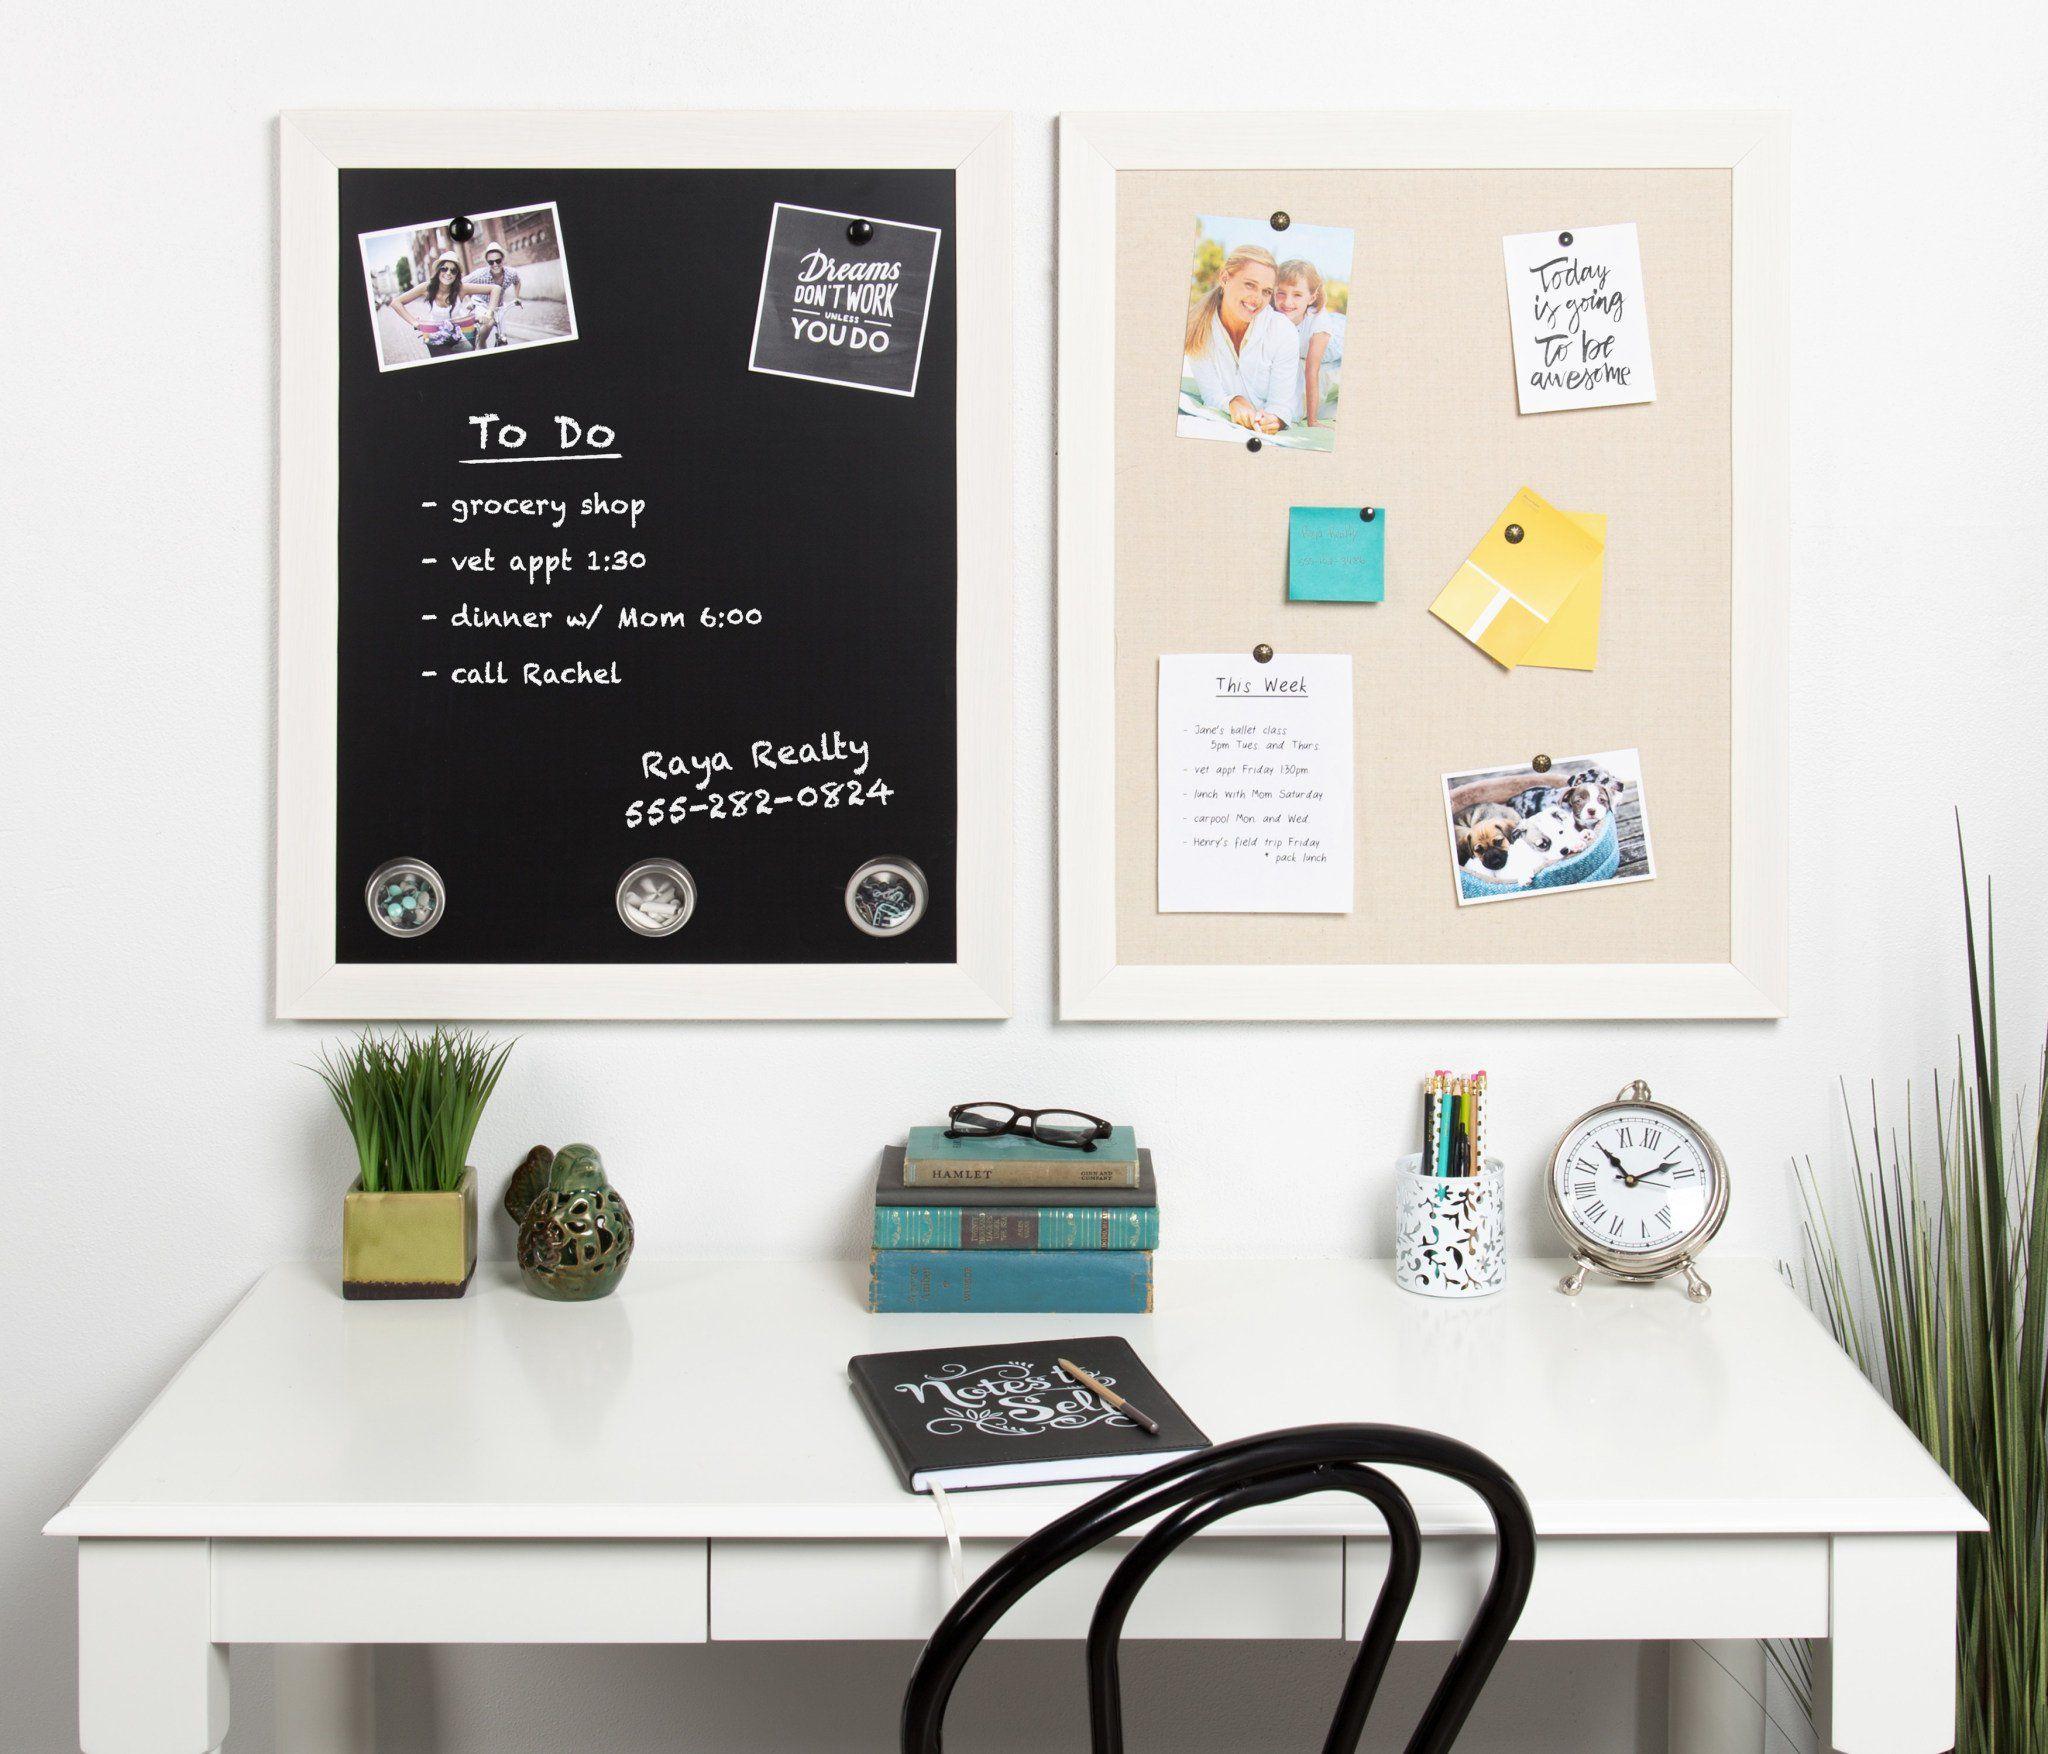 Beatrice Framed Magnetic Chalkboard Framed Magnetic Chalkboard Office Wall Organization Magnetic Chalkboard